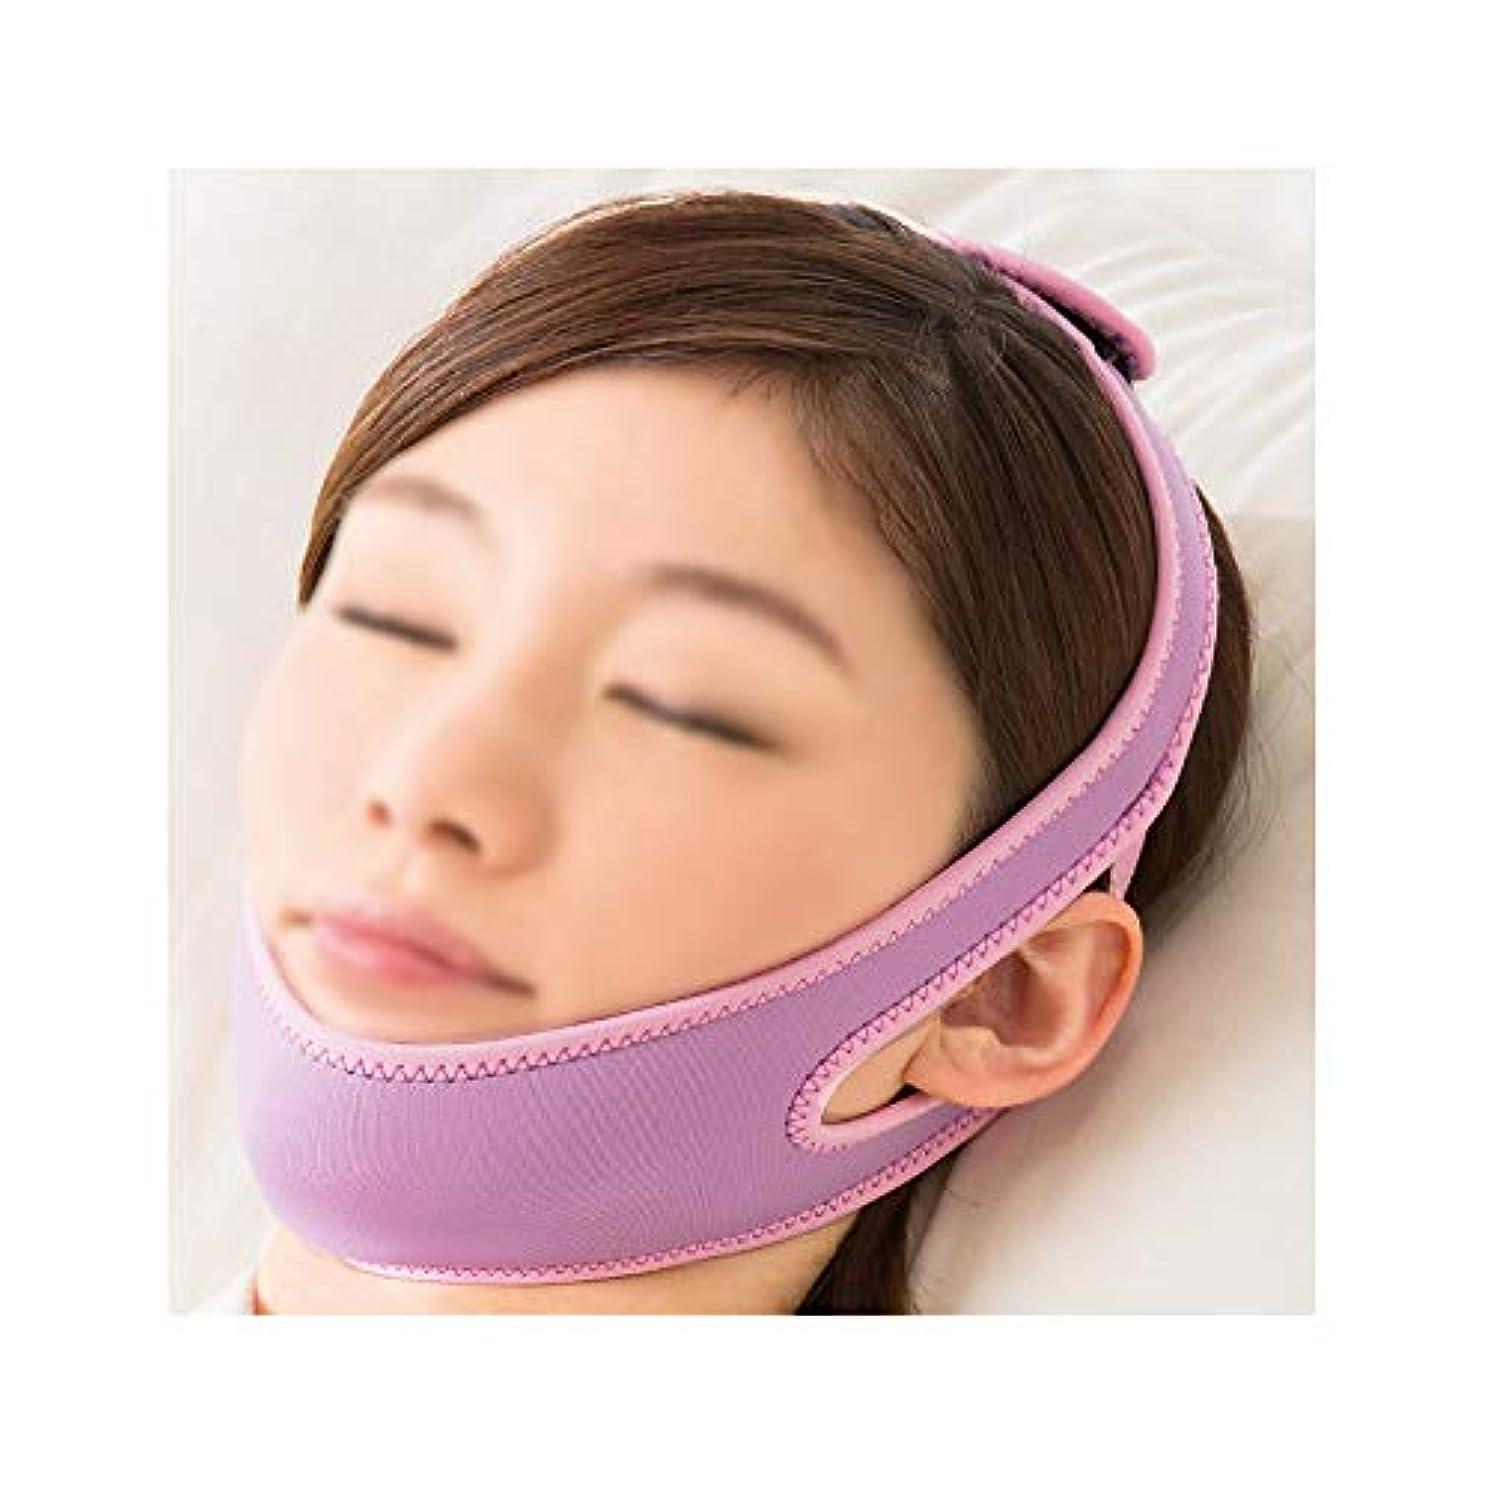 勢い価値放つGLJJQMY マスクフェイスリフトアーチファクトマスク垂れ顔小さいVフェイス包帯通気性睡眠両面あごスーツ睡眠弾性痩身ベルト 顔用整形マスク